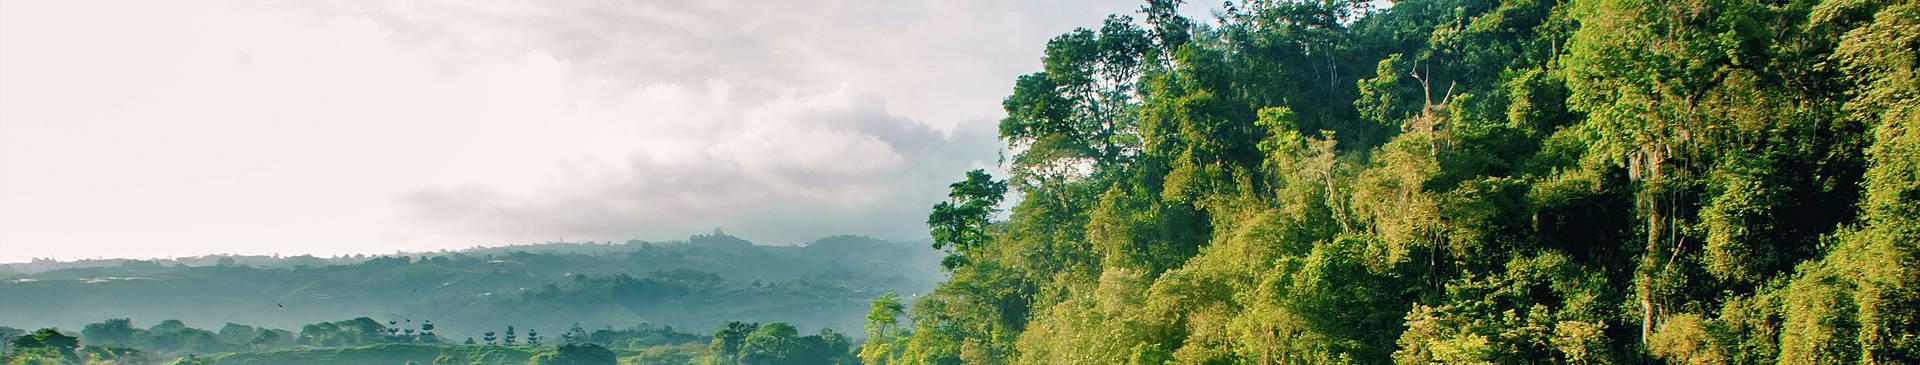 Costa Rica in spring